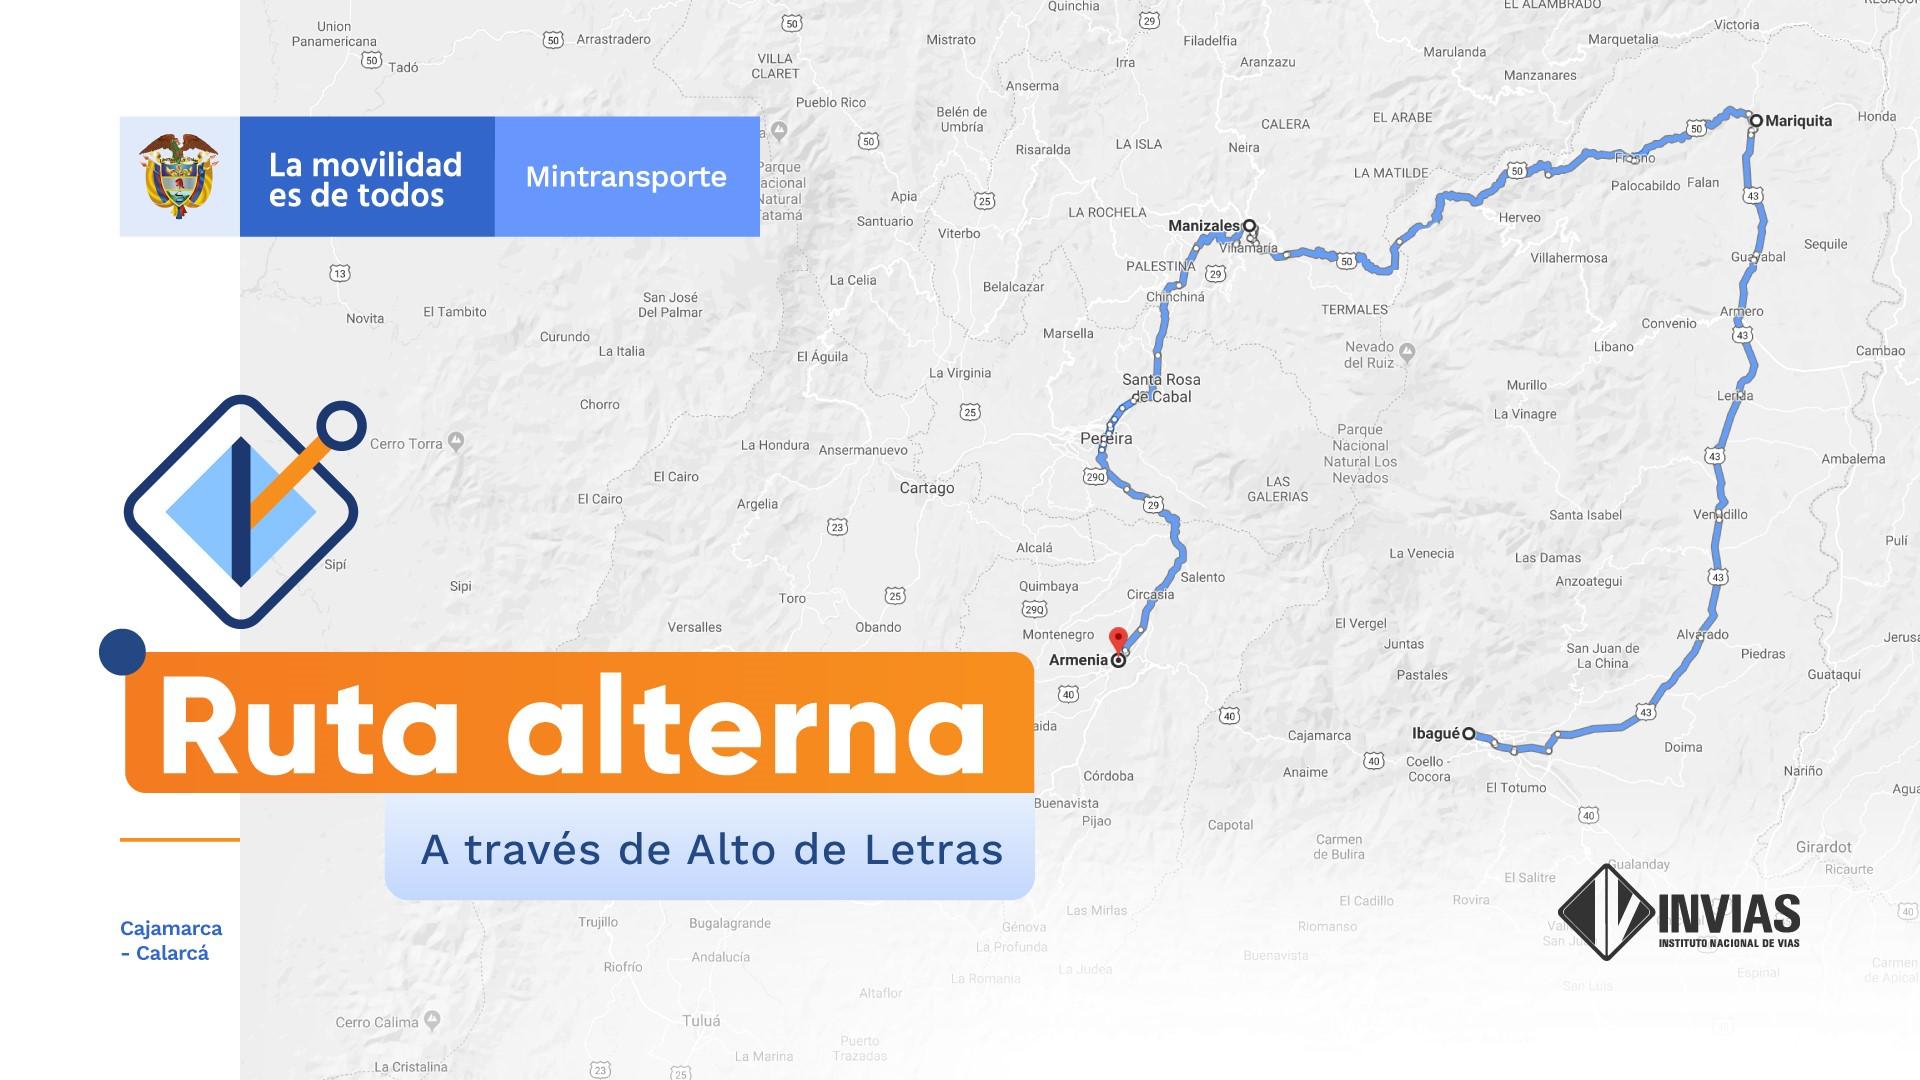 160120 alterna via cajamarca